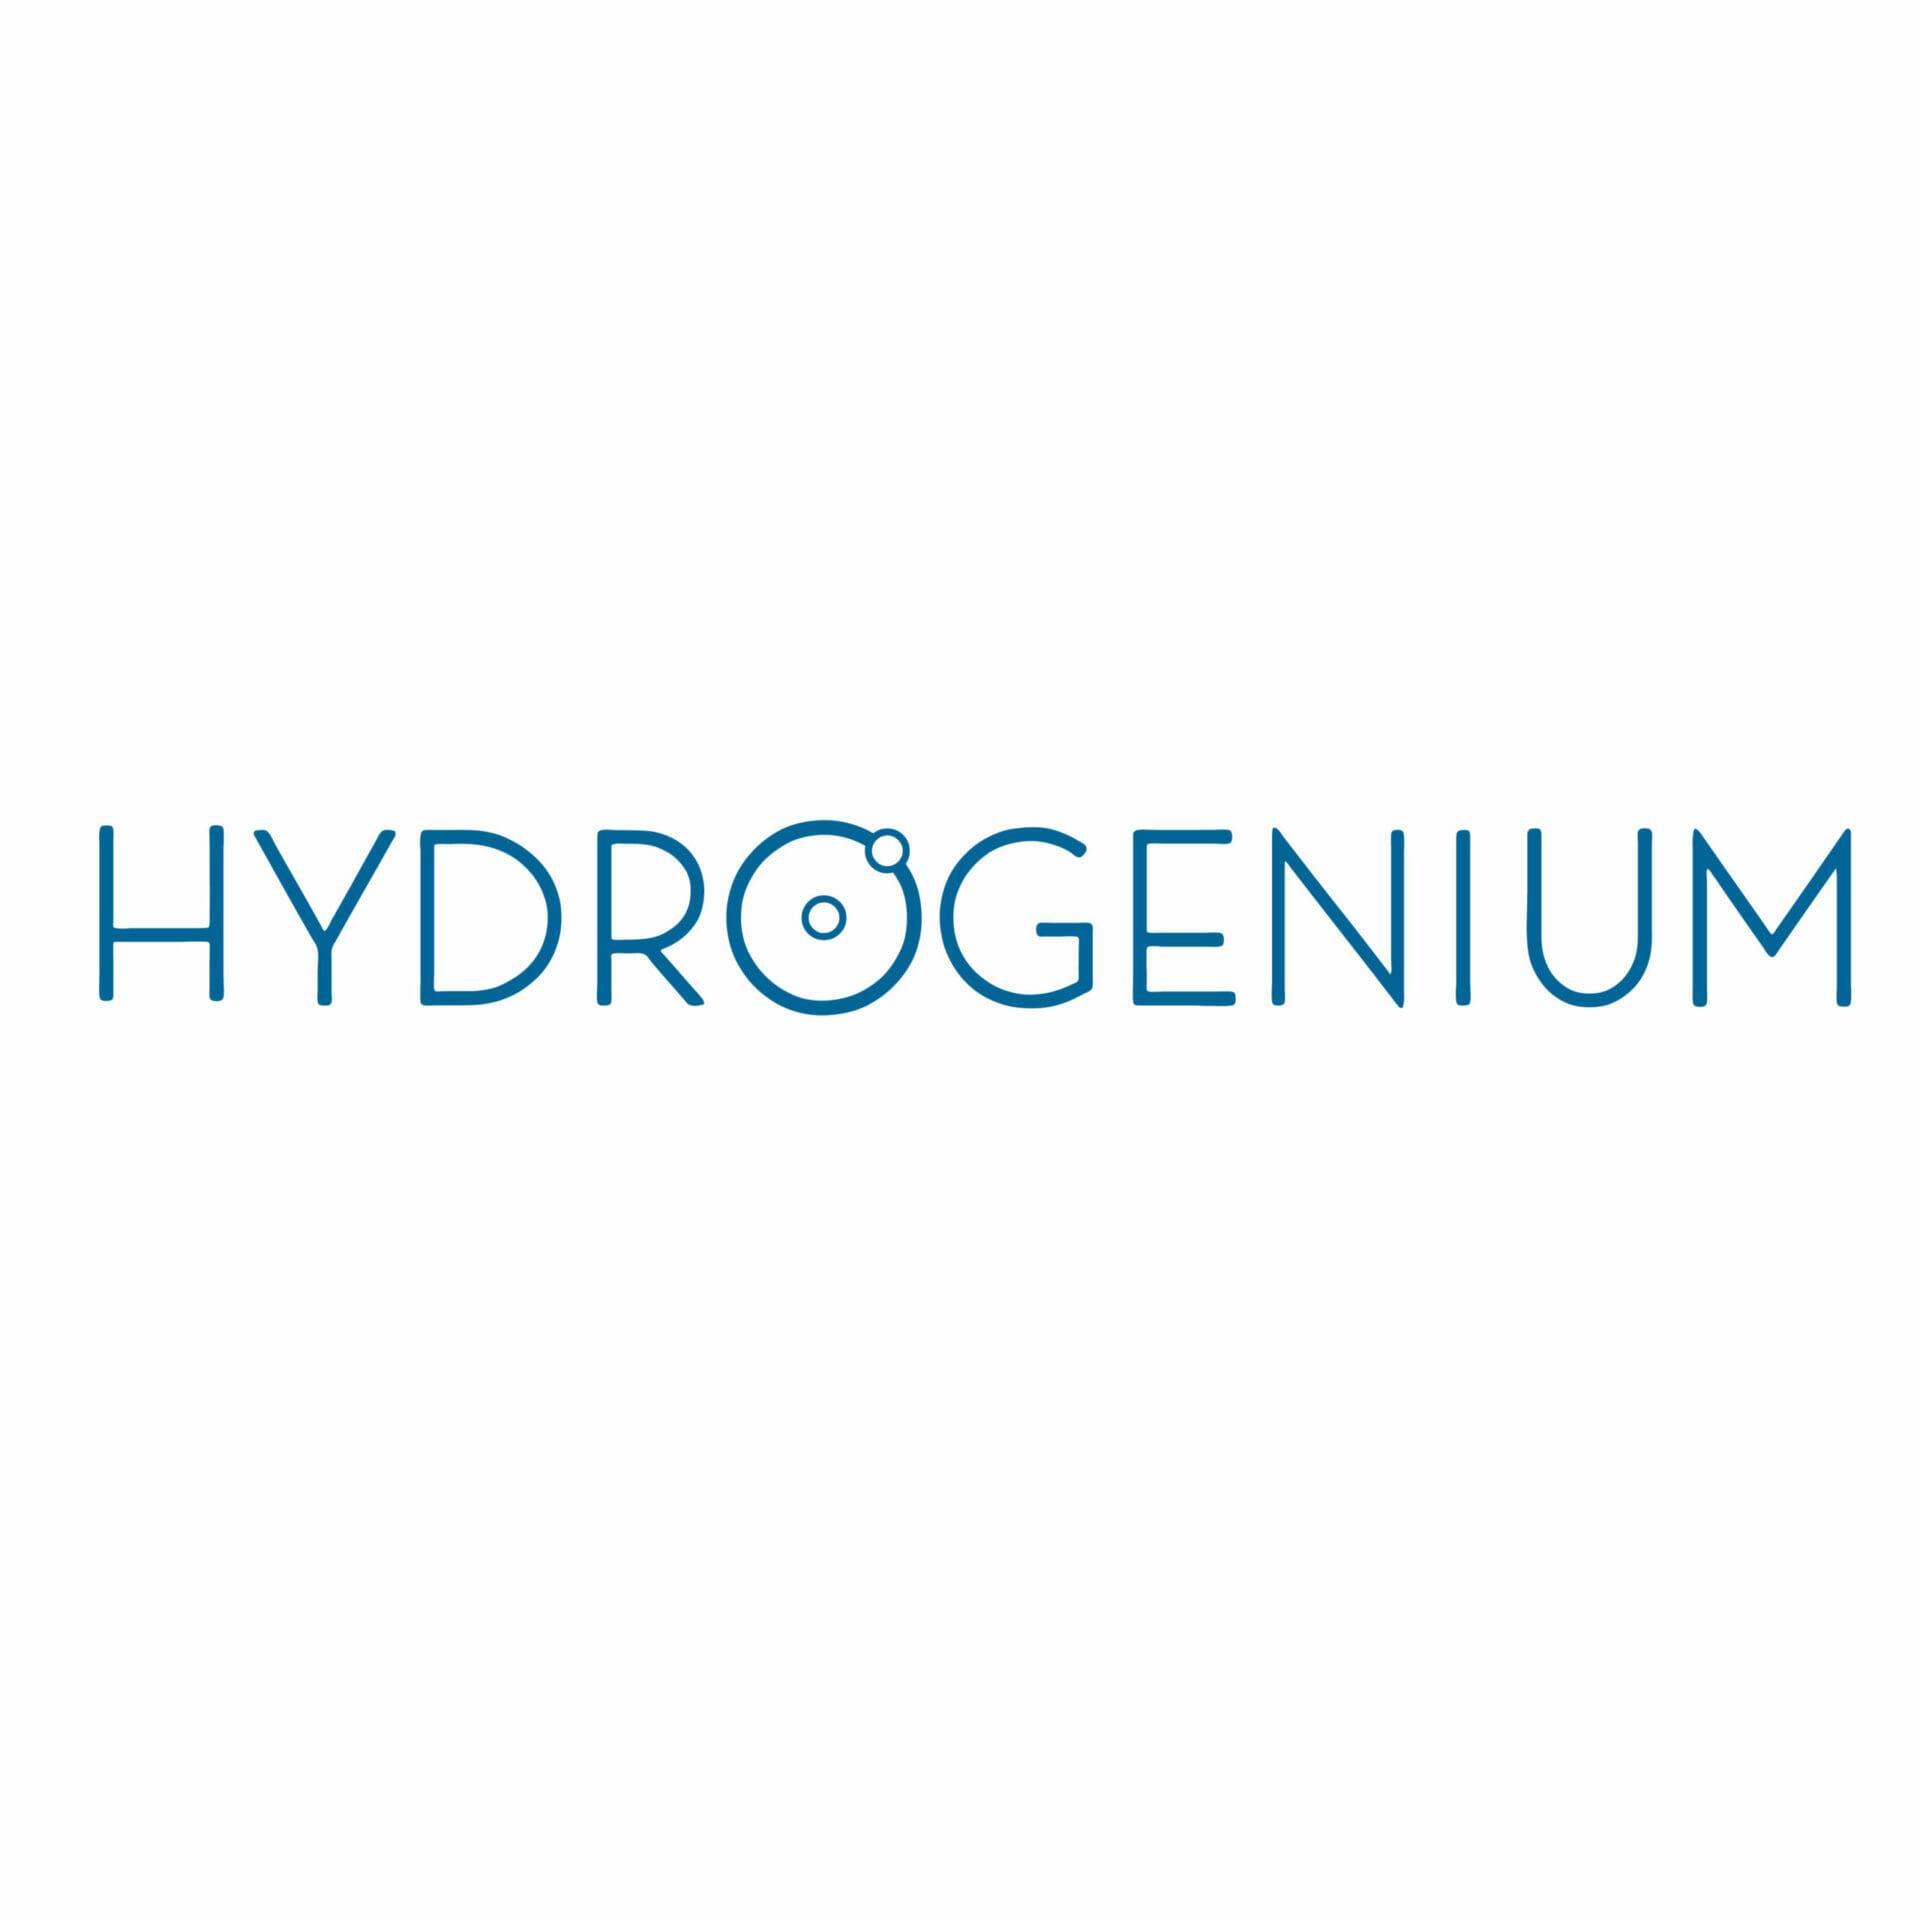 Hydrogenium